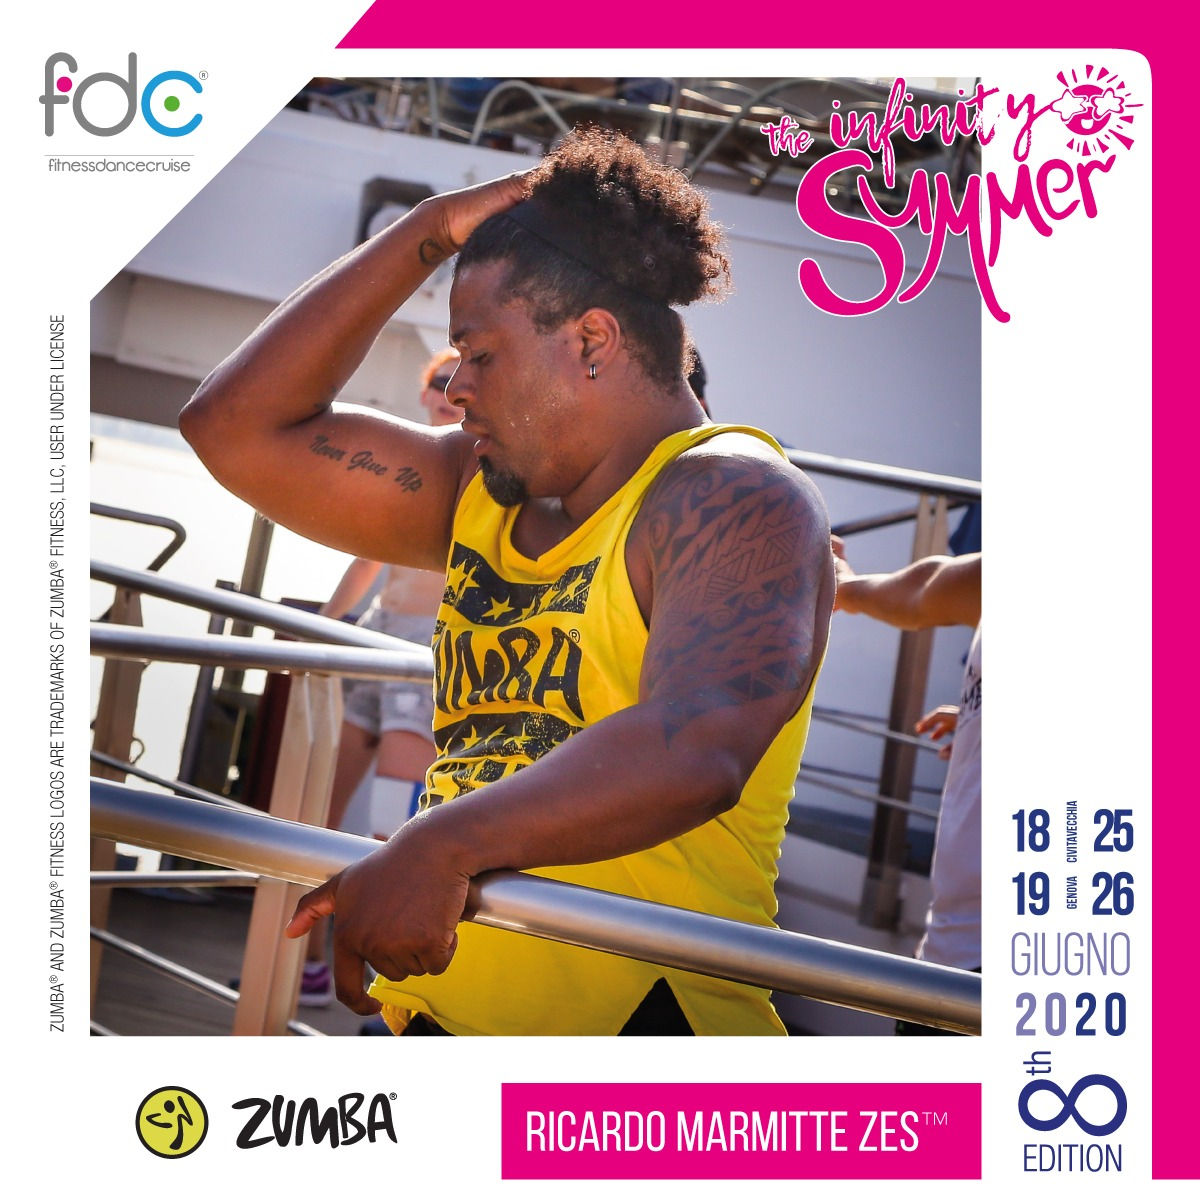 Zumba FDC Presenter Ricardo Marmitte